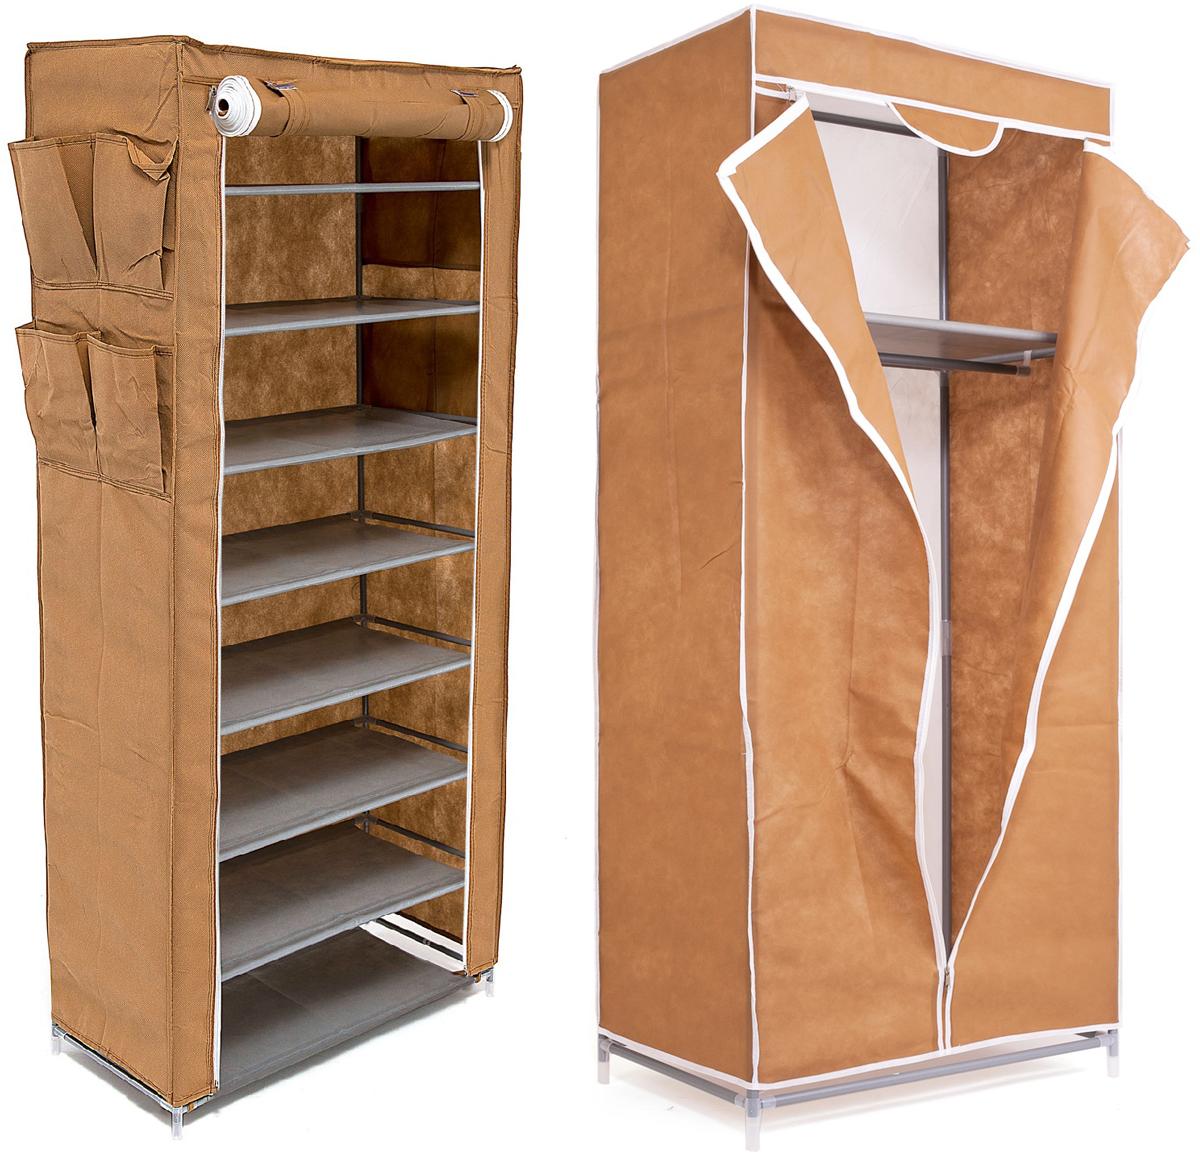 Набор кофров для хранения Homsu, цвет: коричневый, 2 предметаDEN-57Уникальный дизайн этого комплекта станет настоящим украшением для любого интерьера. Практичная составляющая подобной мебели также вне сомнений. Лёгкие и прочные устойчивые конструкции из каркасов и тканевой обивки могут быть легко собраны вами без посторонней помощи, буквально за несколько минут. Такая мебель будет всегда удобной и максимально практичной, ведь верхнюю тканевую часть при надобности можно всегда постирать либо же попросту поменять на аналогичную другого цвета. Кроме того, такие конструкции всегда будут отличным решением для того, кому по душе мобильность и постоянная смена обстановки. 680х450х1550; 600х300х1360